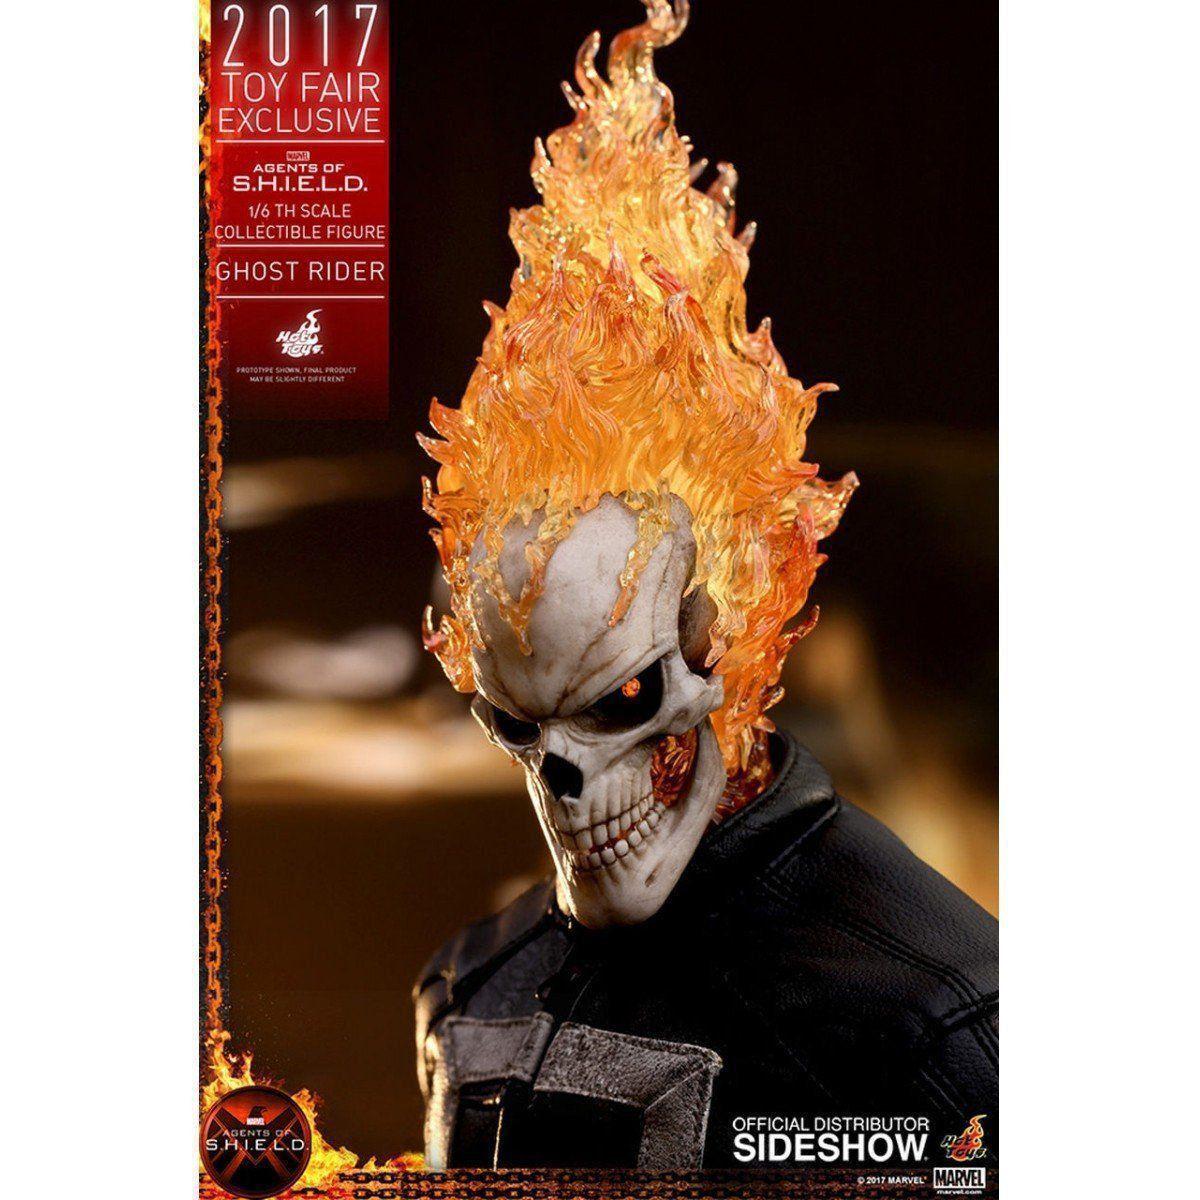 Boneco Motoqueiro Fantasma (Ghost Rider): Agentes da S.H.I.E.L.D. EXCLUSIVO Escala 1/6 - Hot Toys